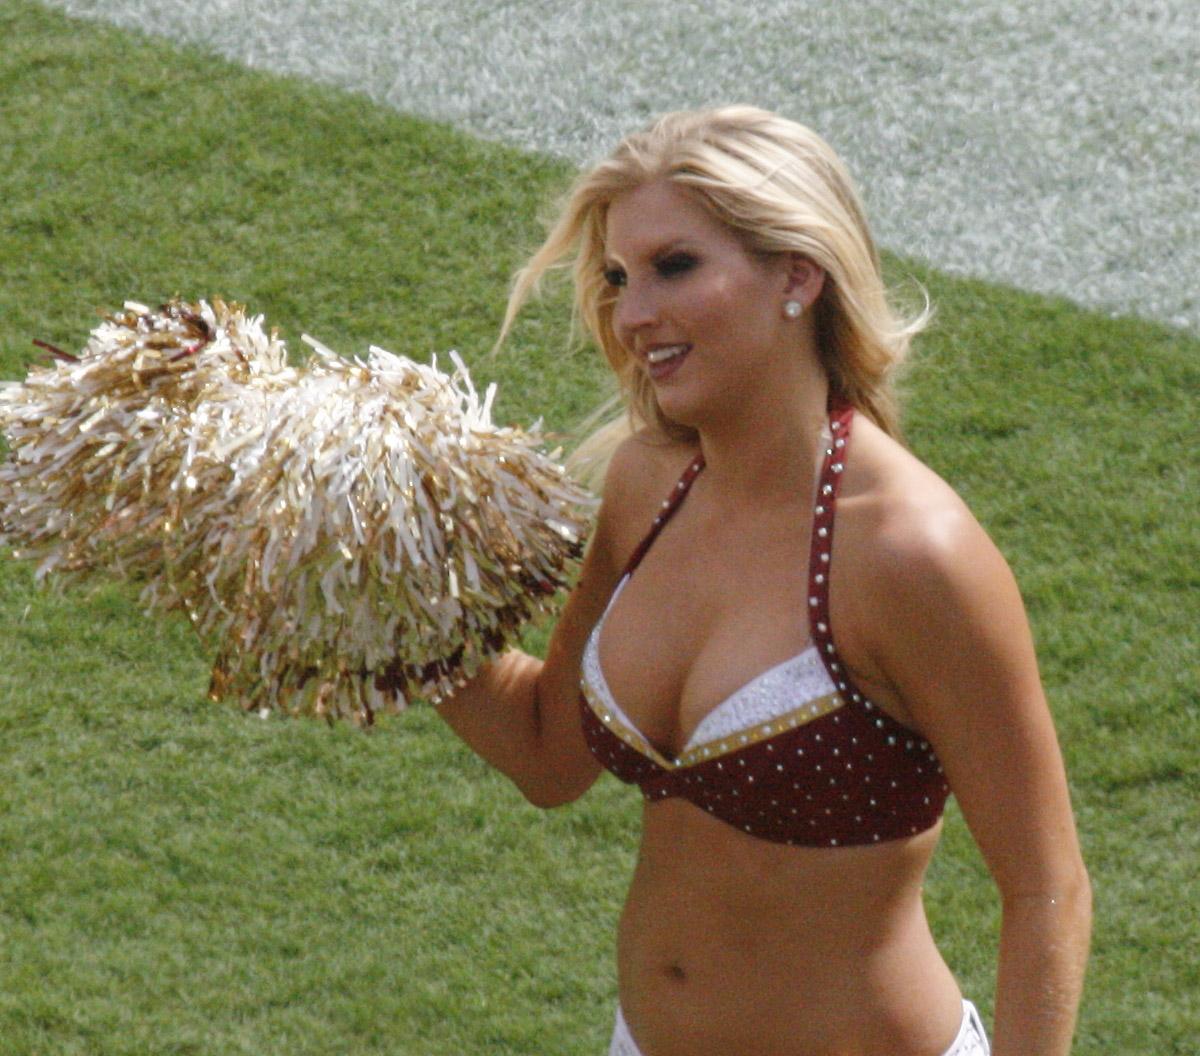 File:Redskins-Cheerleader-2008-09-14.jpg